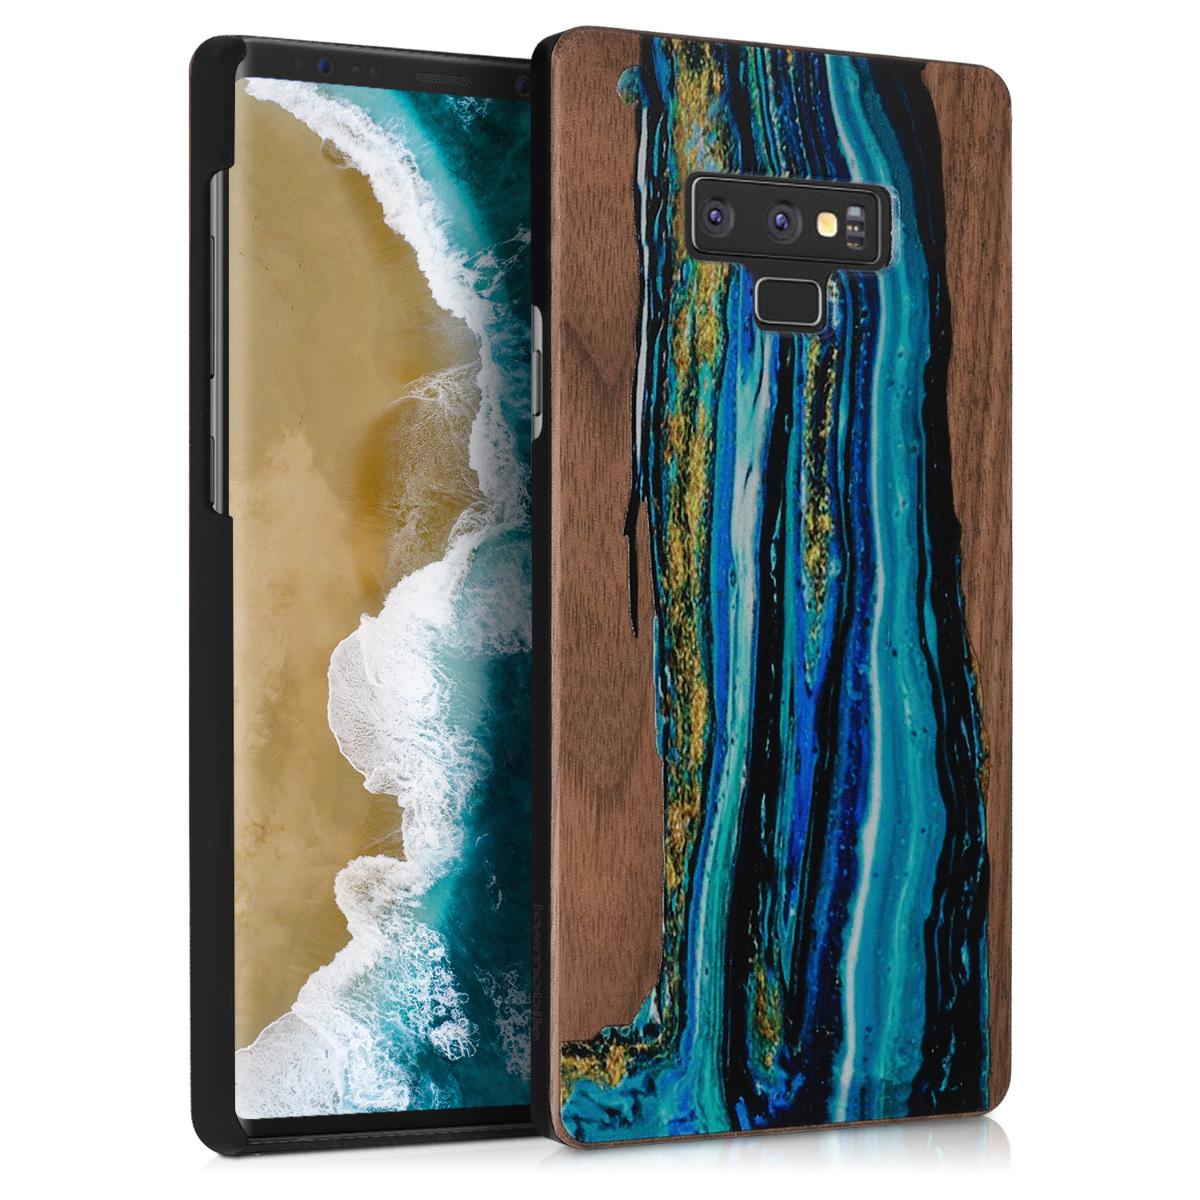 Dřevěné pouzdro pro Samsung Note 9 - Akvarel Waves modré / Hnědá